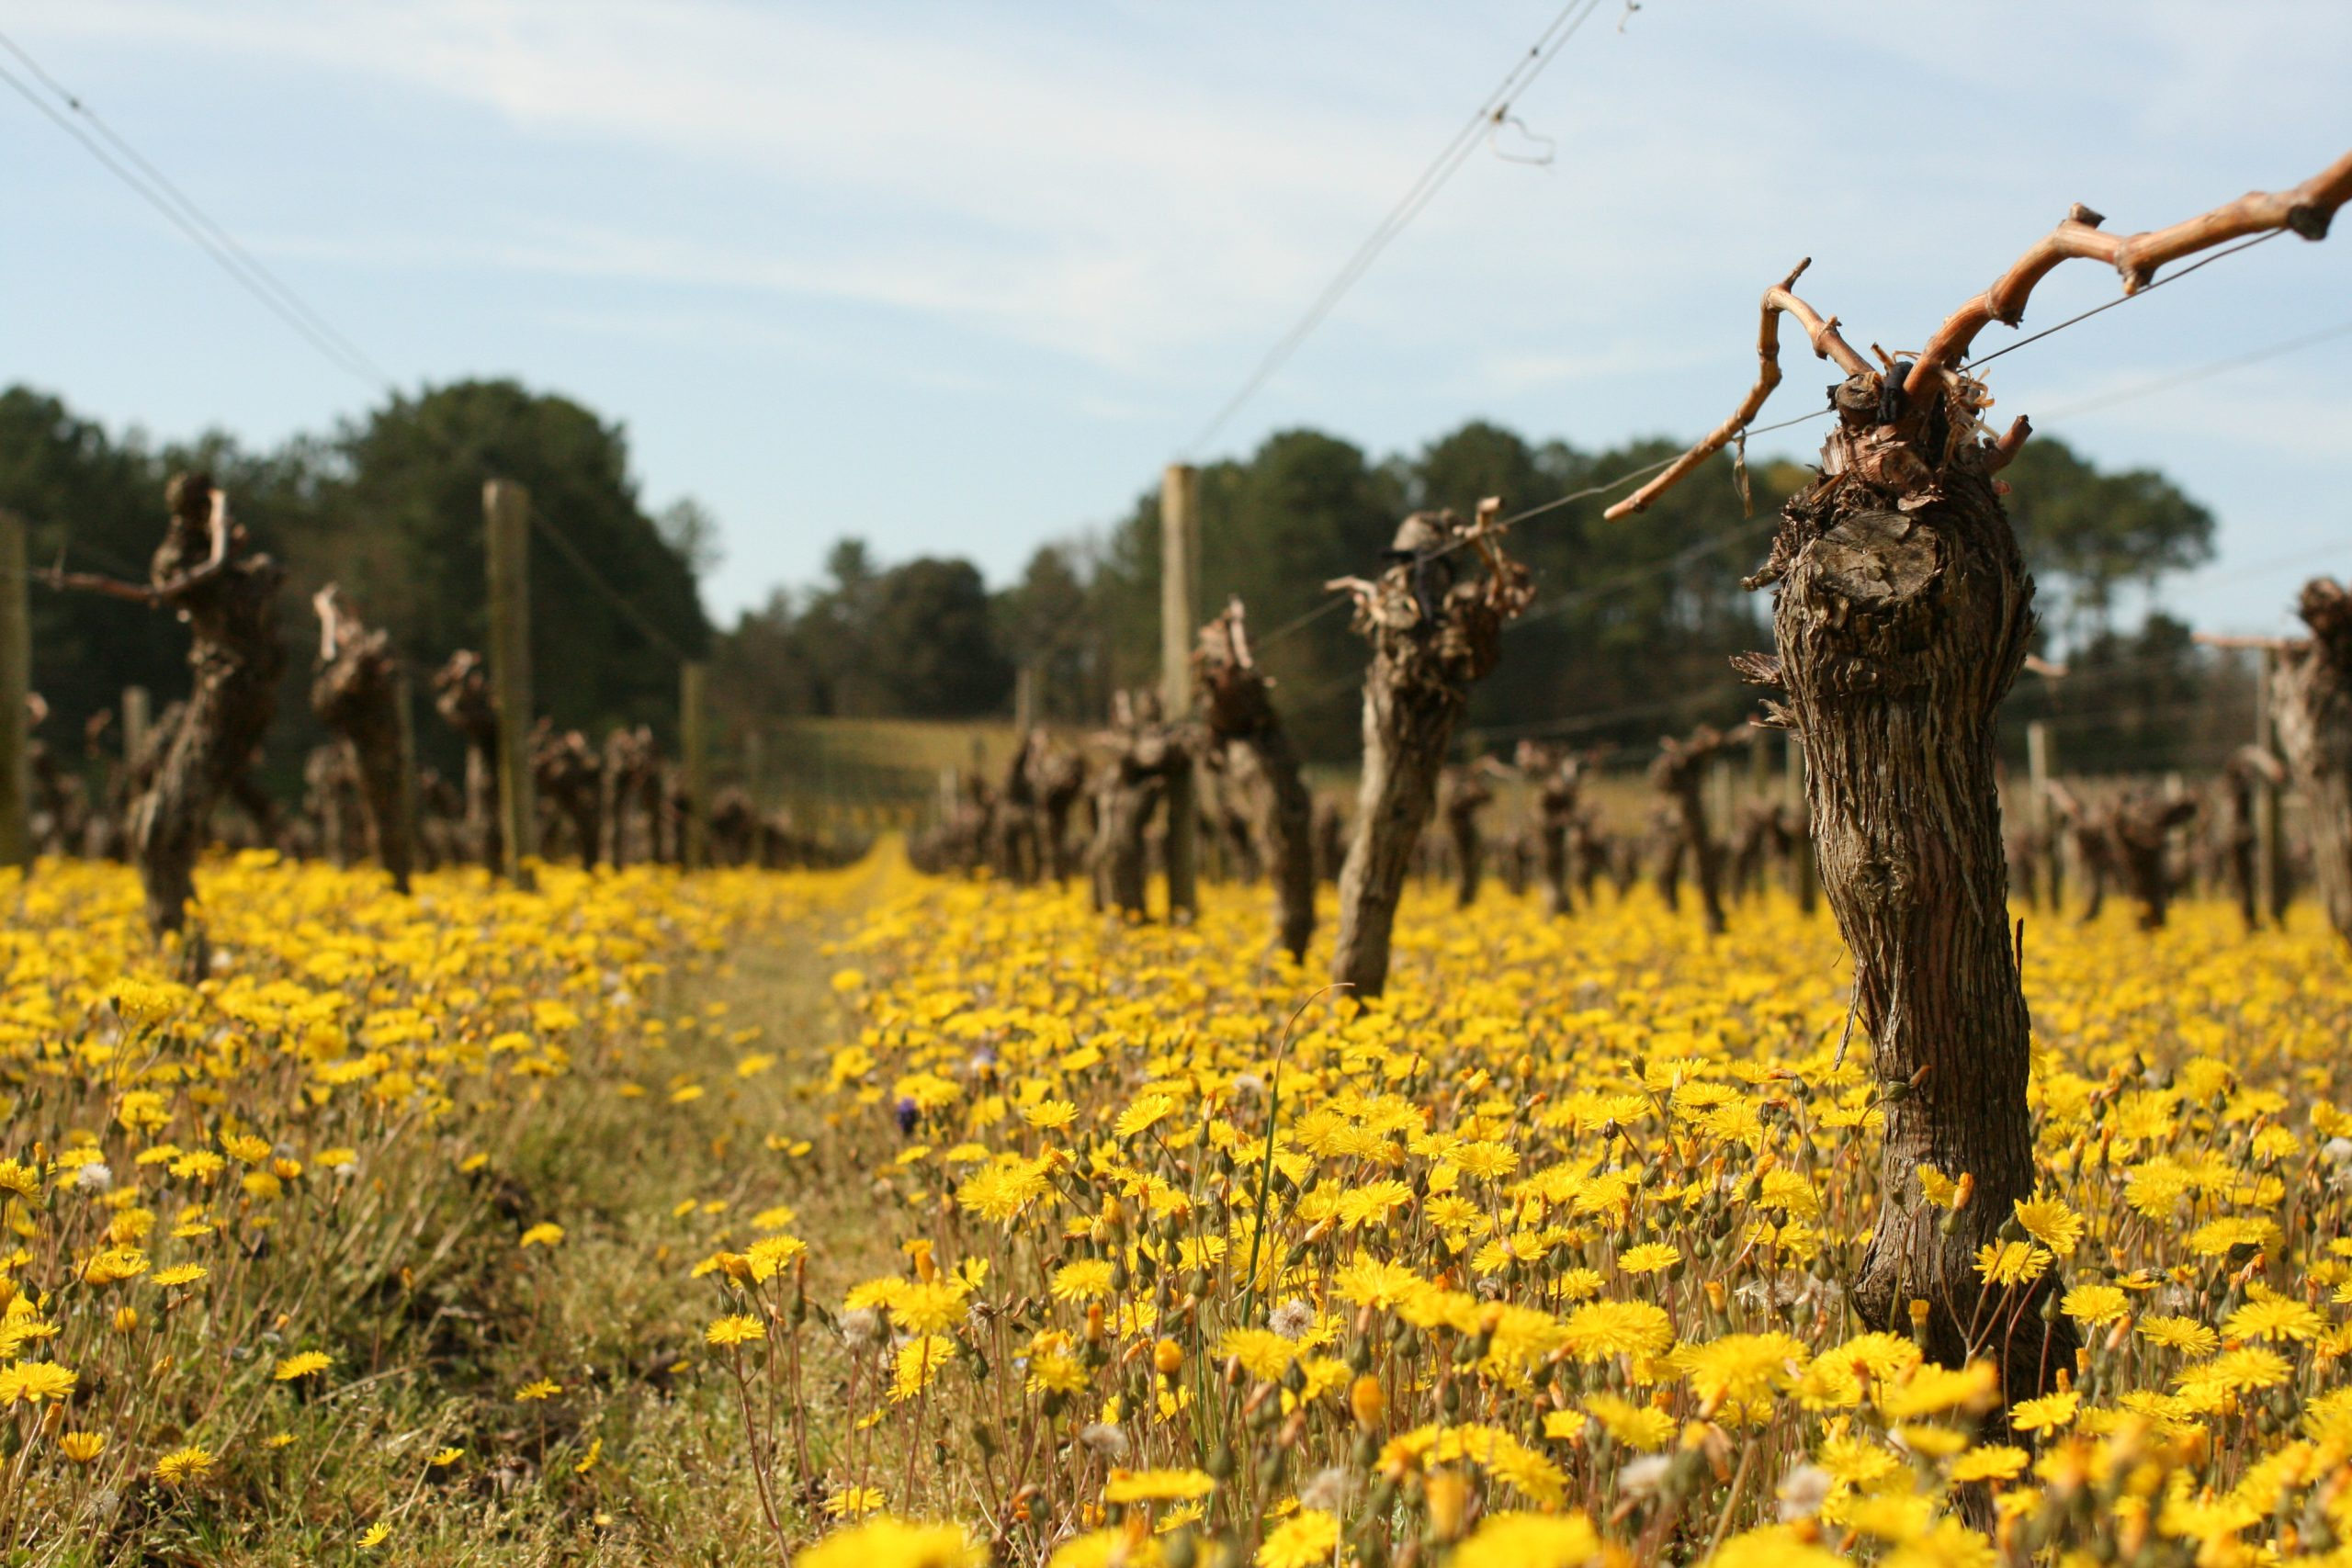 Pieds de vignes traités de façon éco responsable sur tout le vignoble UNI MEDOC